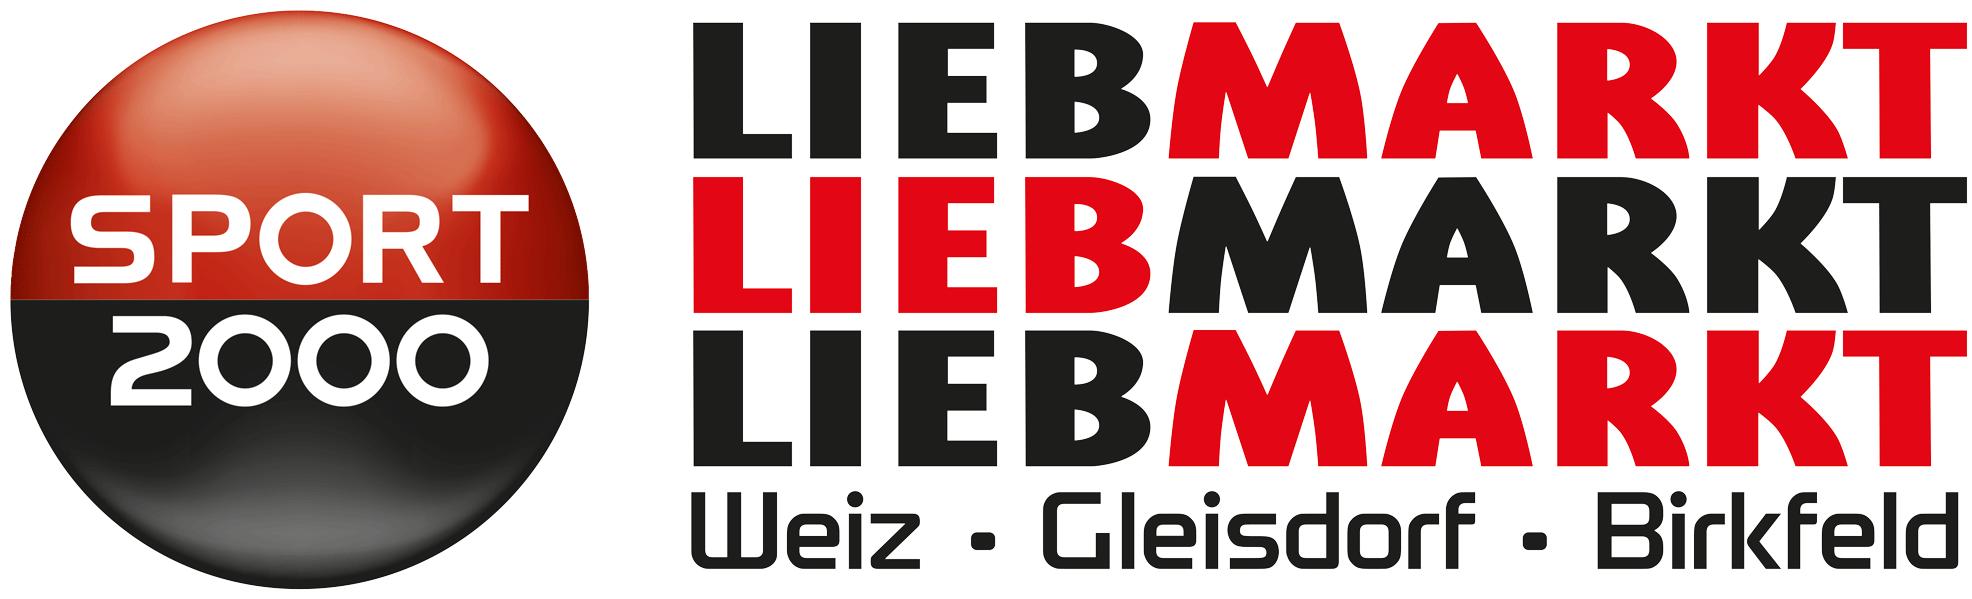 Bildergebnis für sport 2000 lieb markt logo